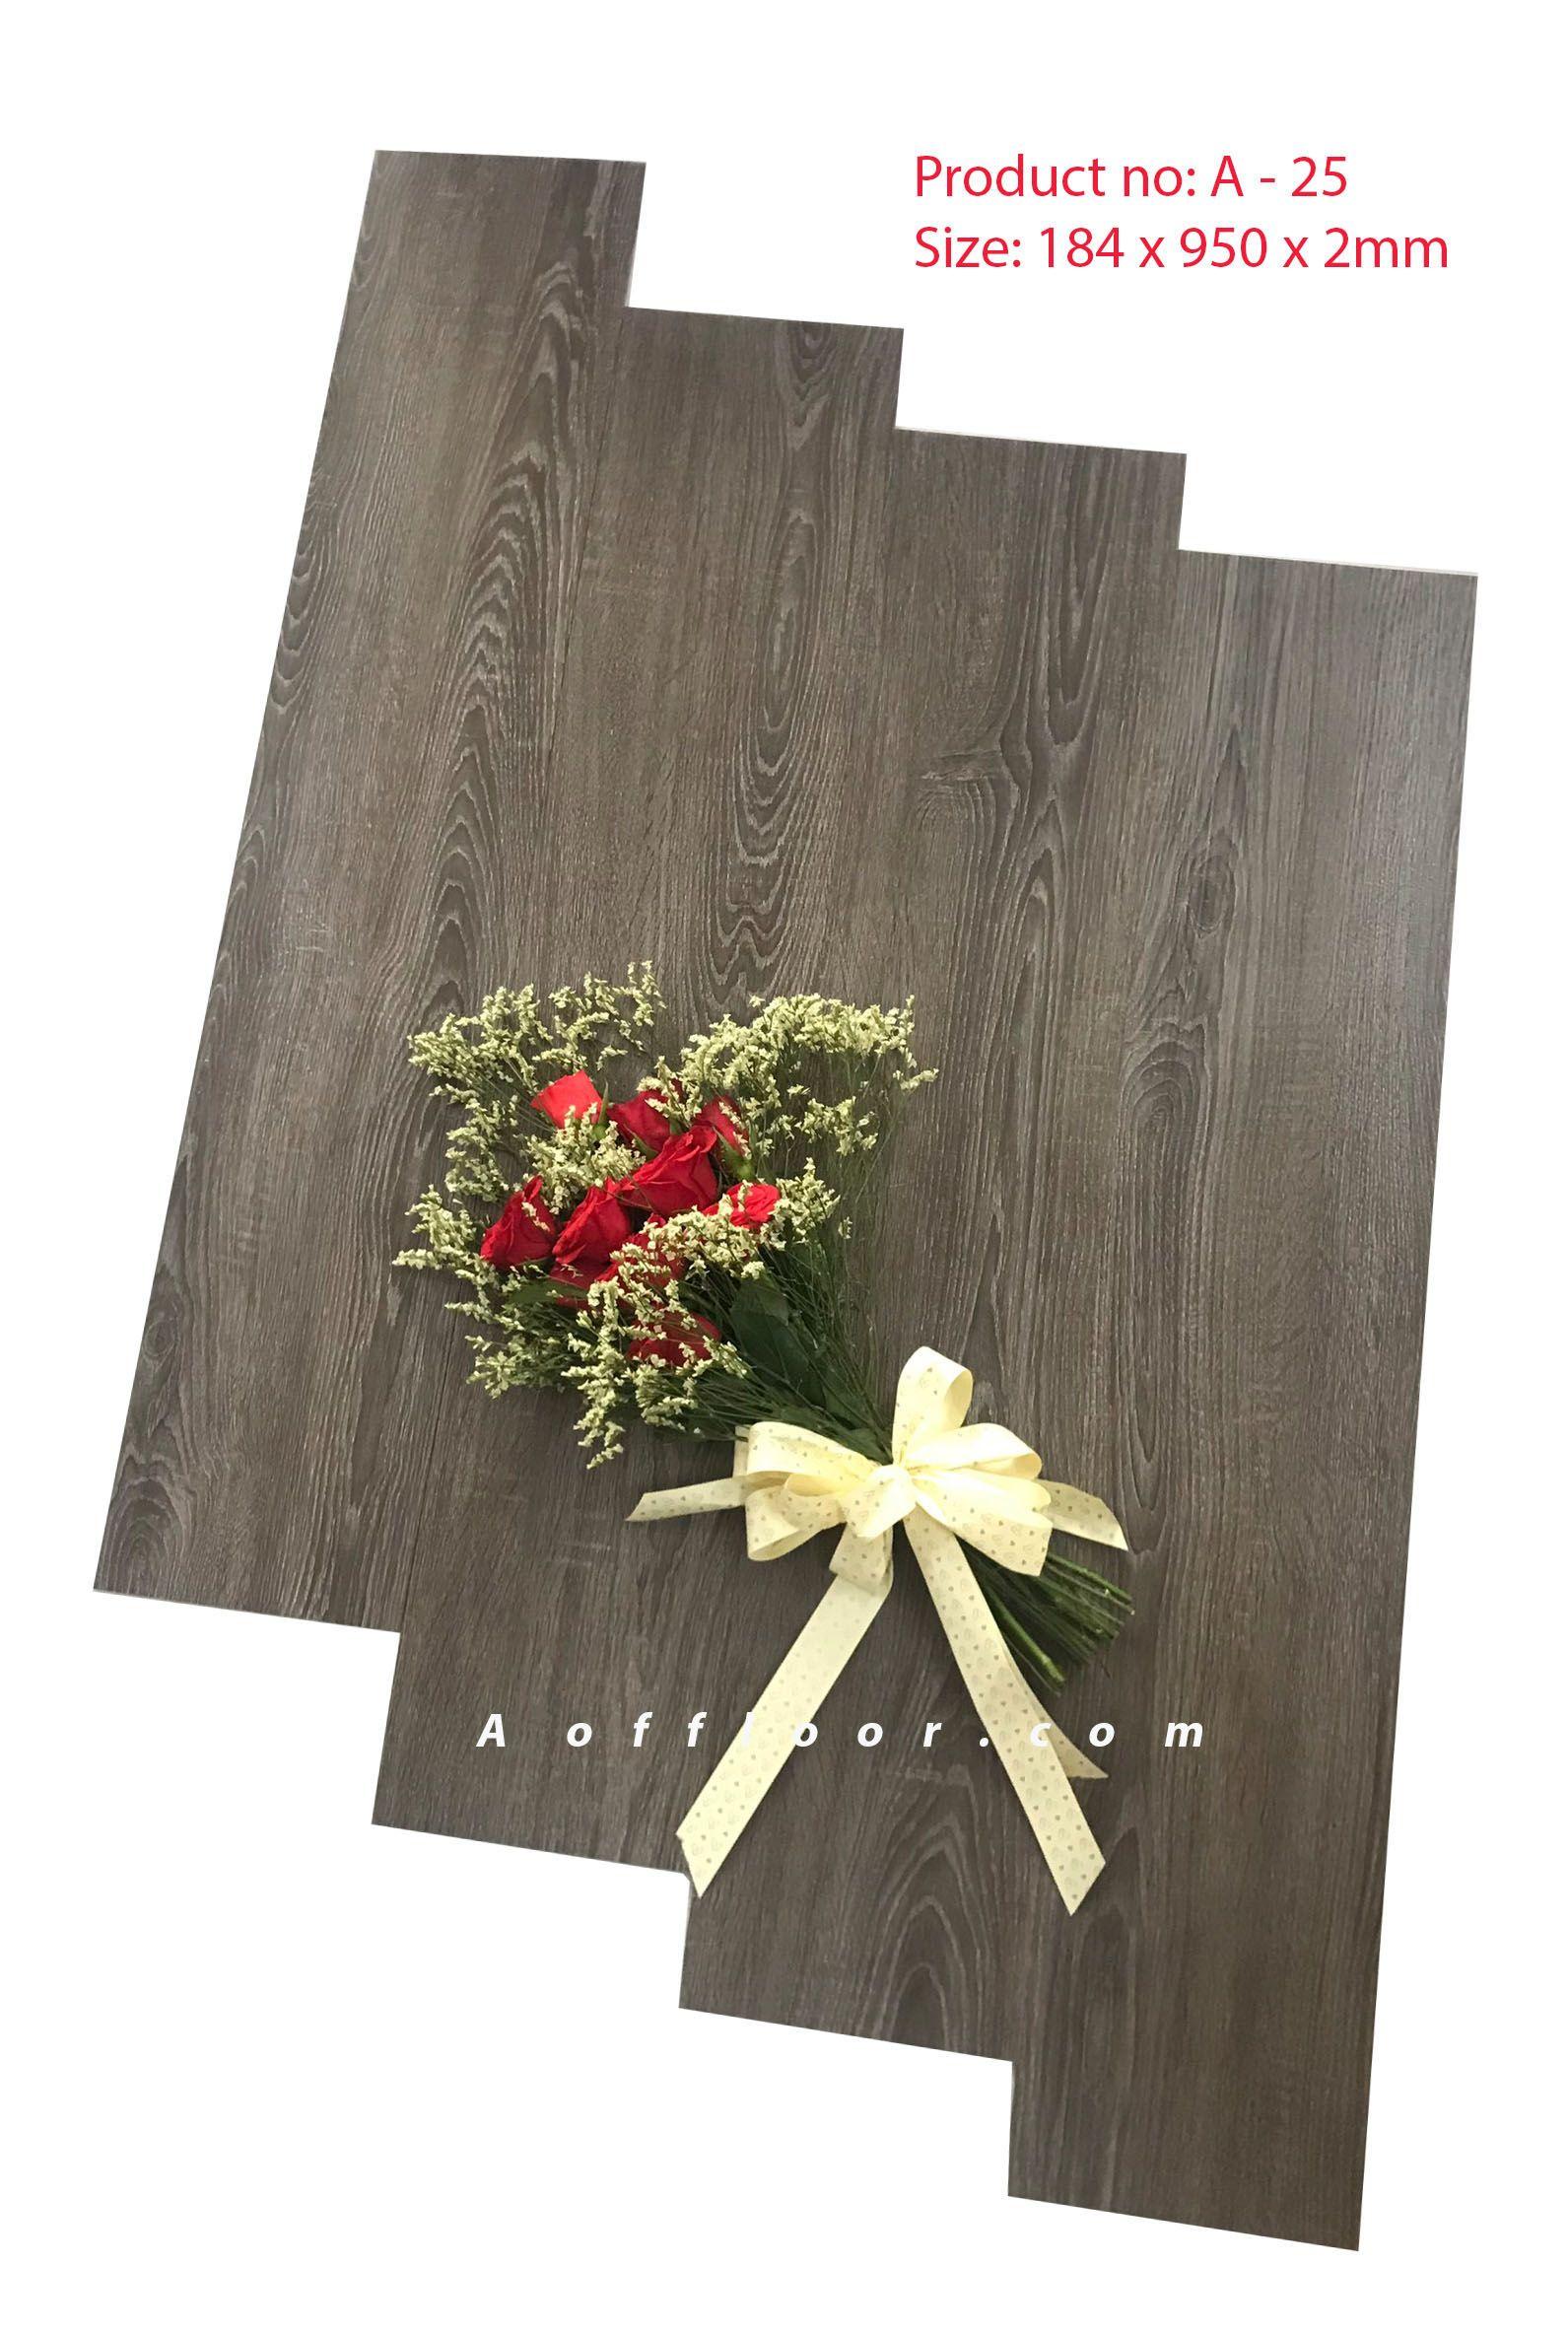 Sàn nhựa dán keo 2mm - A25